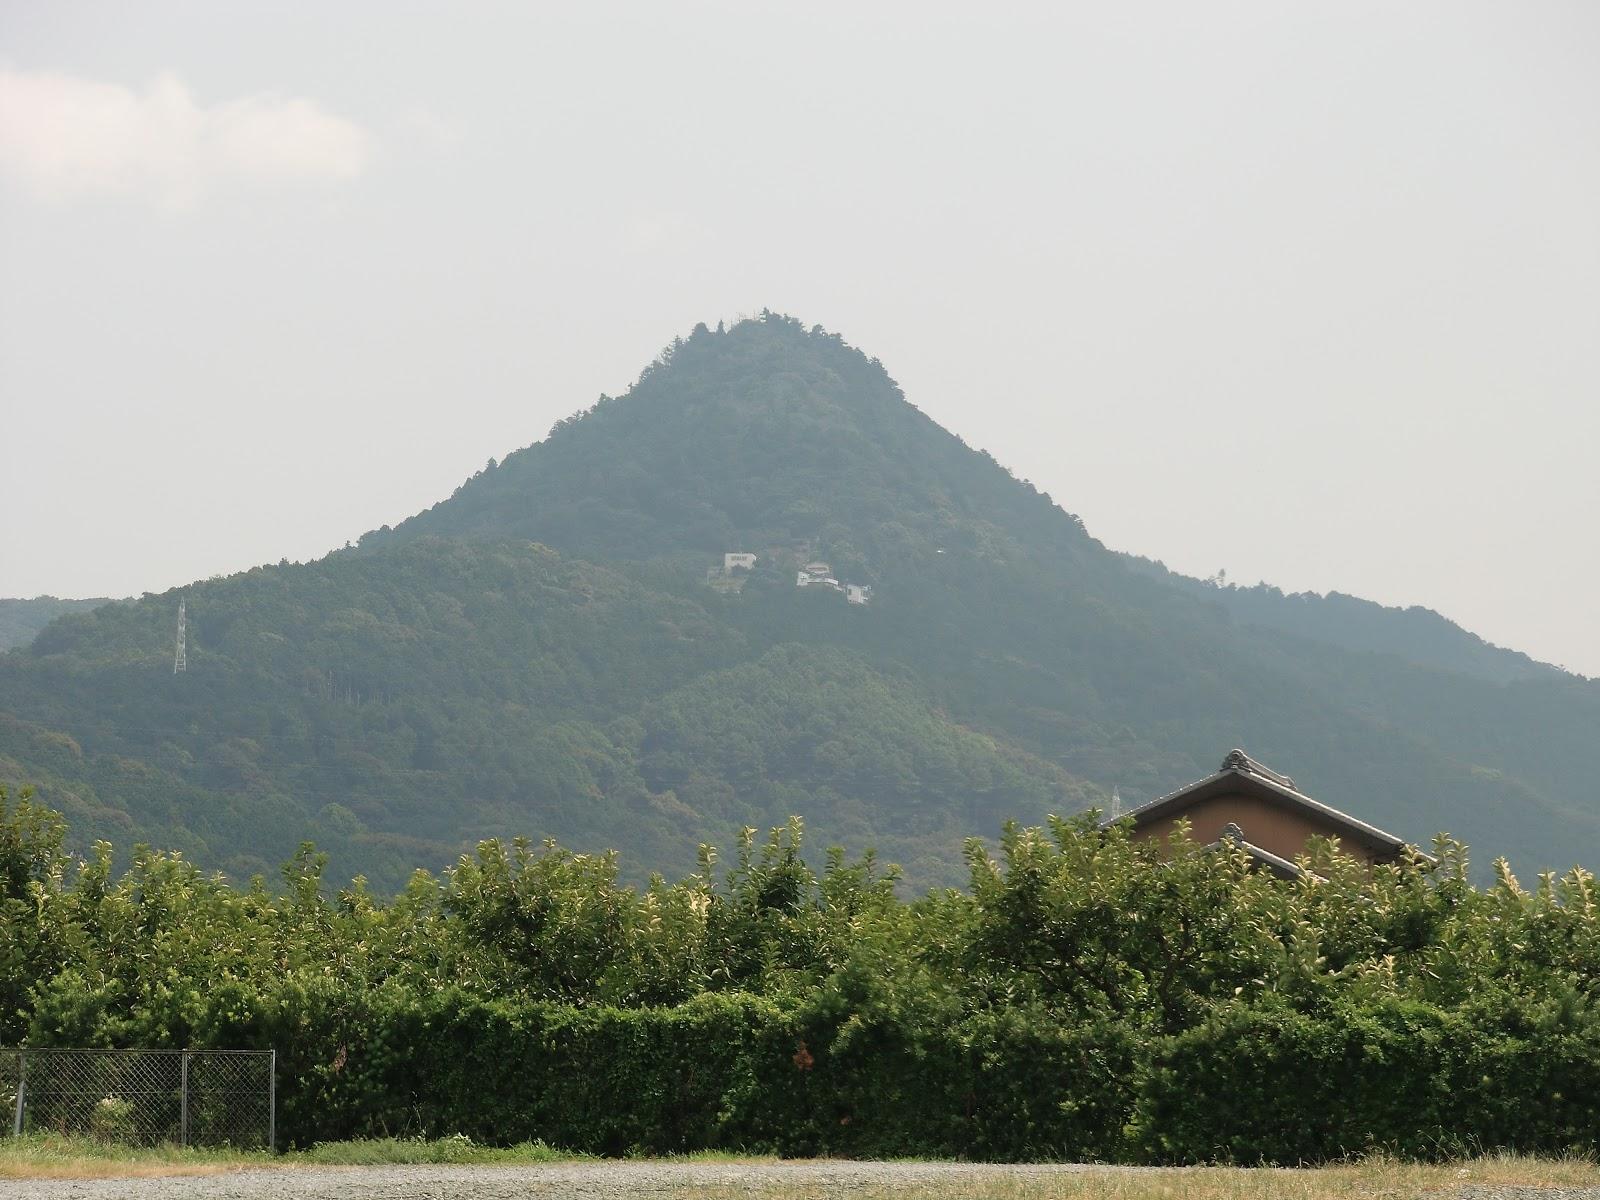 石巻山の岩石信仰(愛知県豊橋市) | 石神・磐座・磐境・奇岩・巨石と呼ばれるものの研究